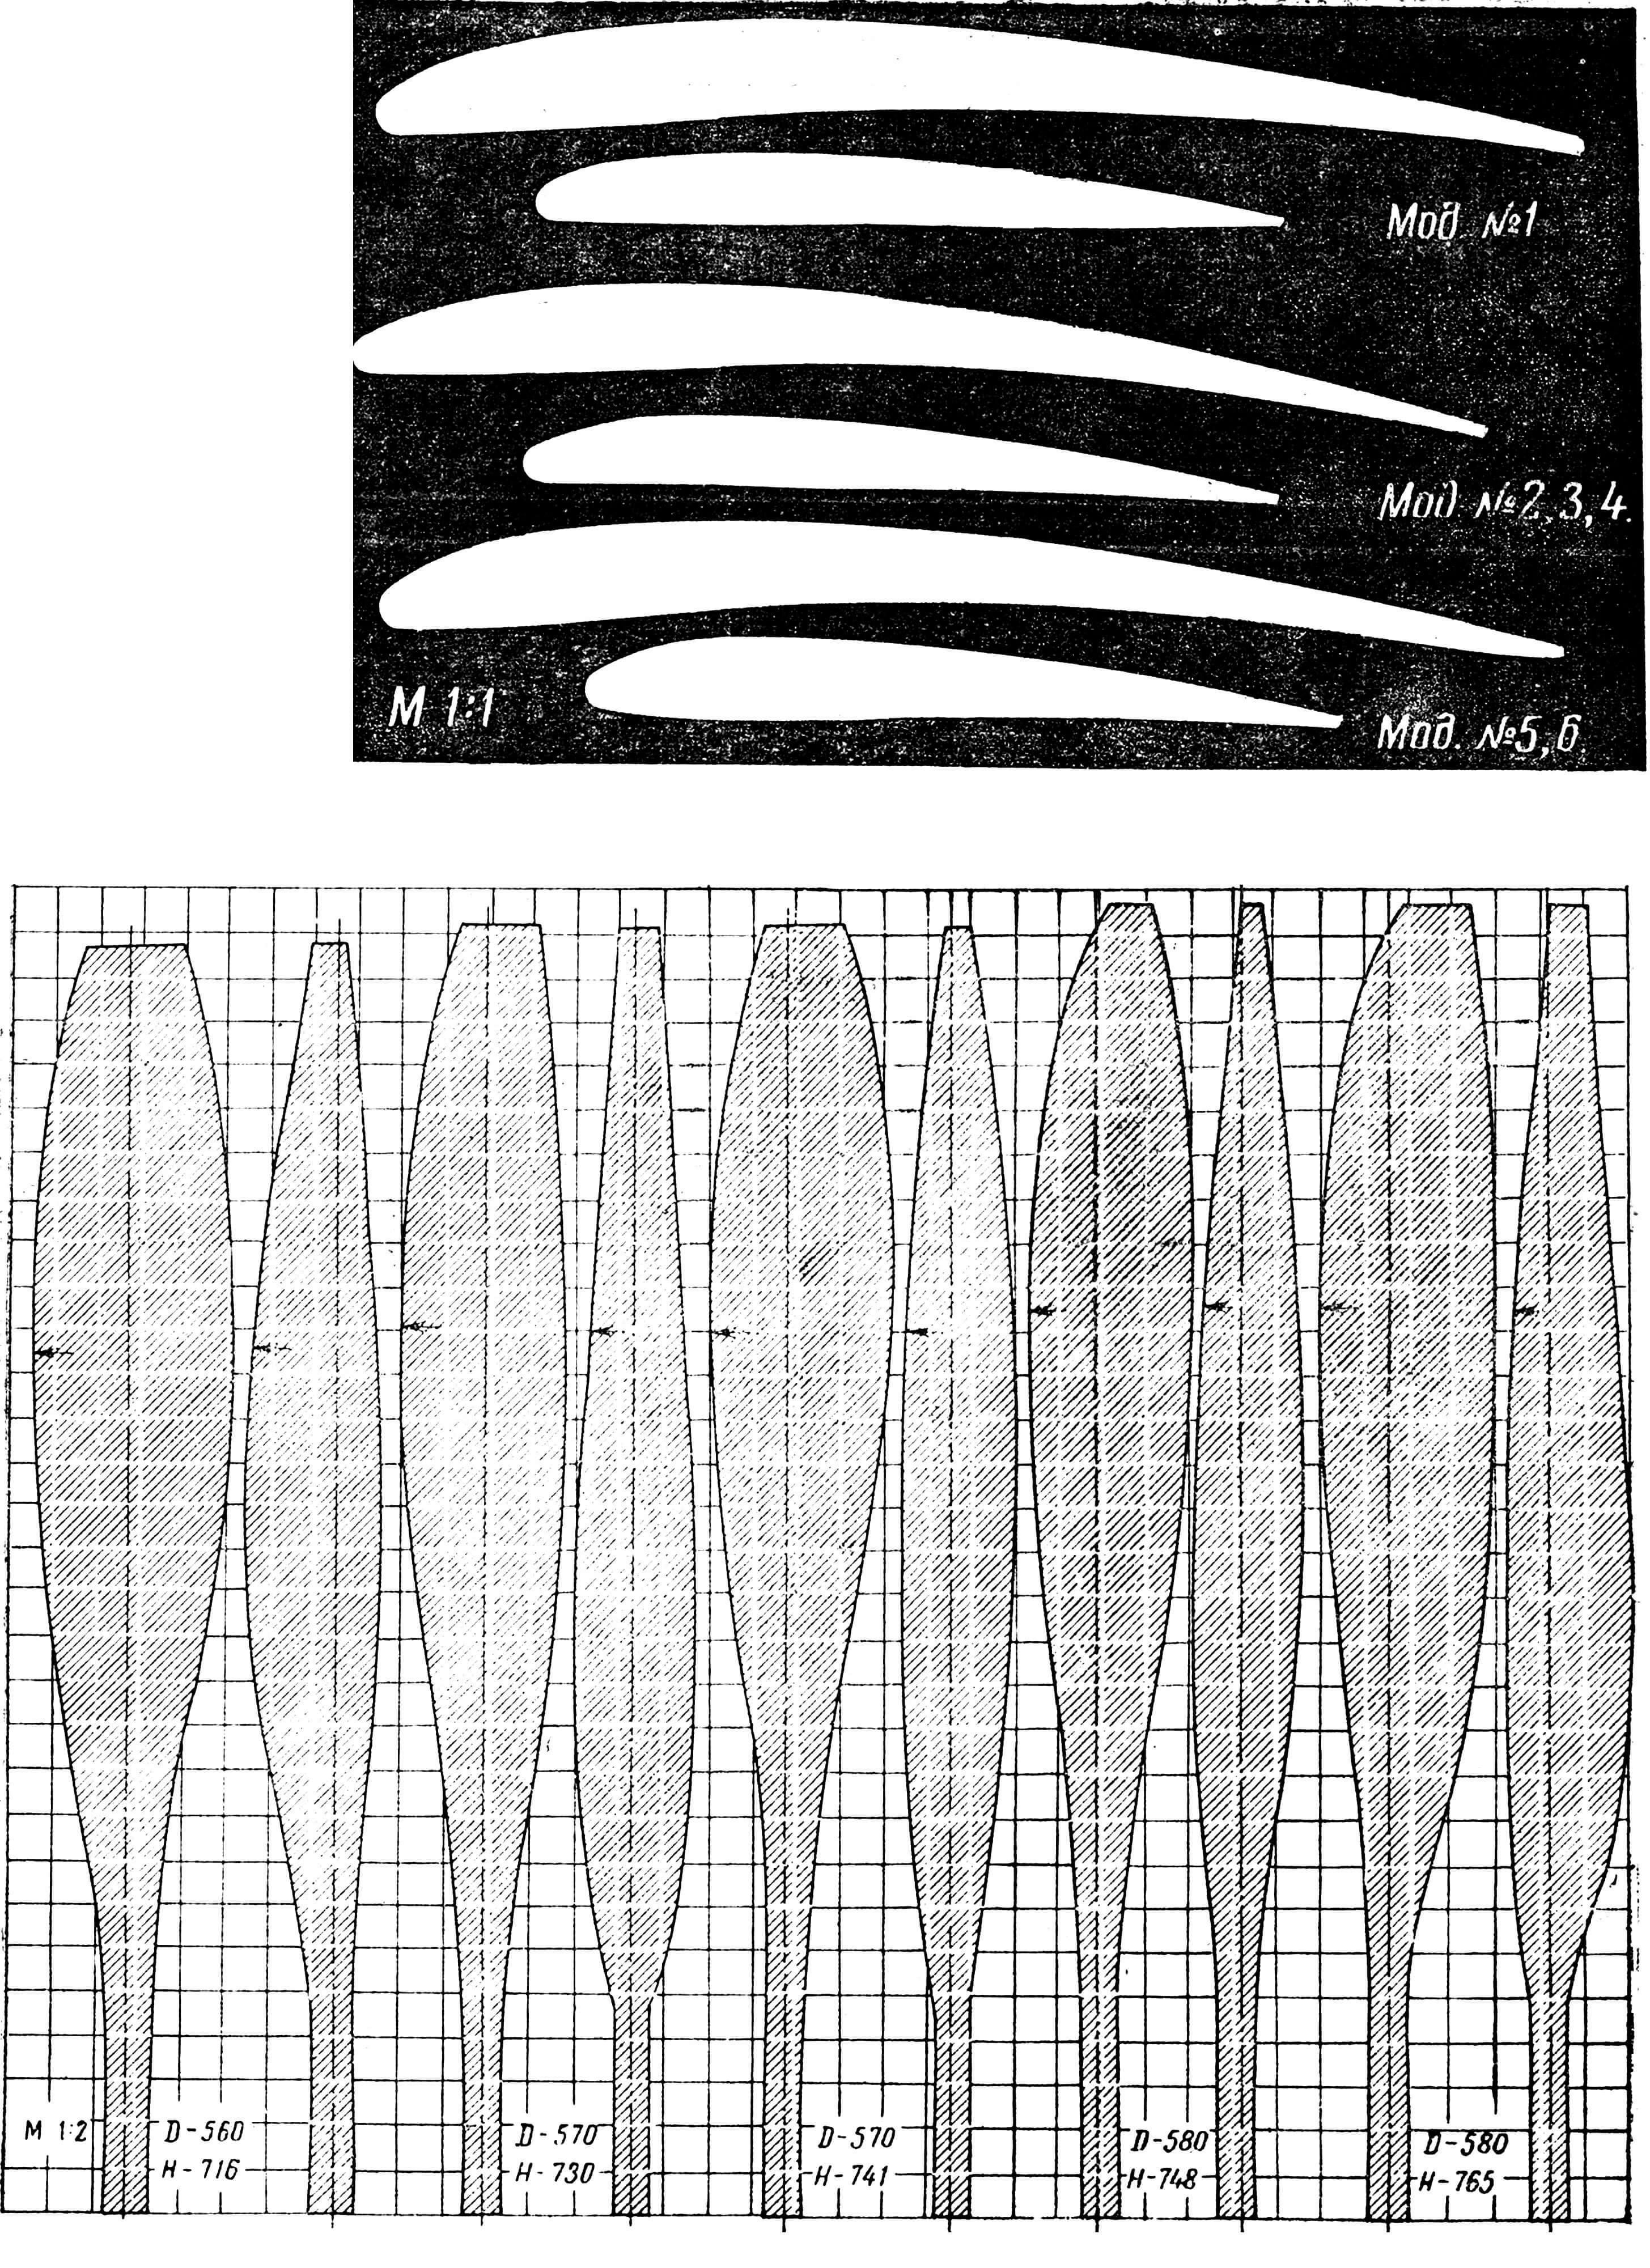 Профили крыльев и стабилизаторов (вверху) и шаблоны лопастей винта резиномоторных моделей, испытанных Е. Мелентьевым.